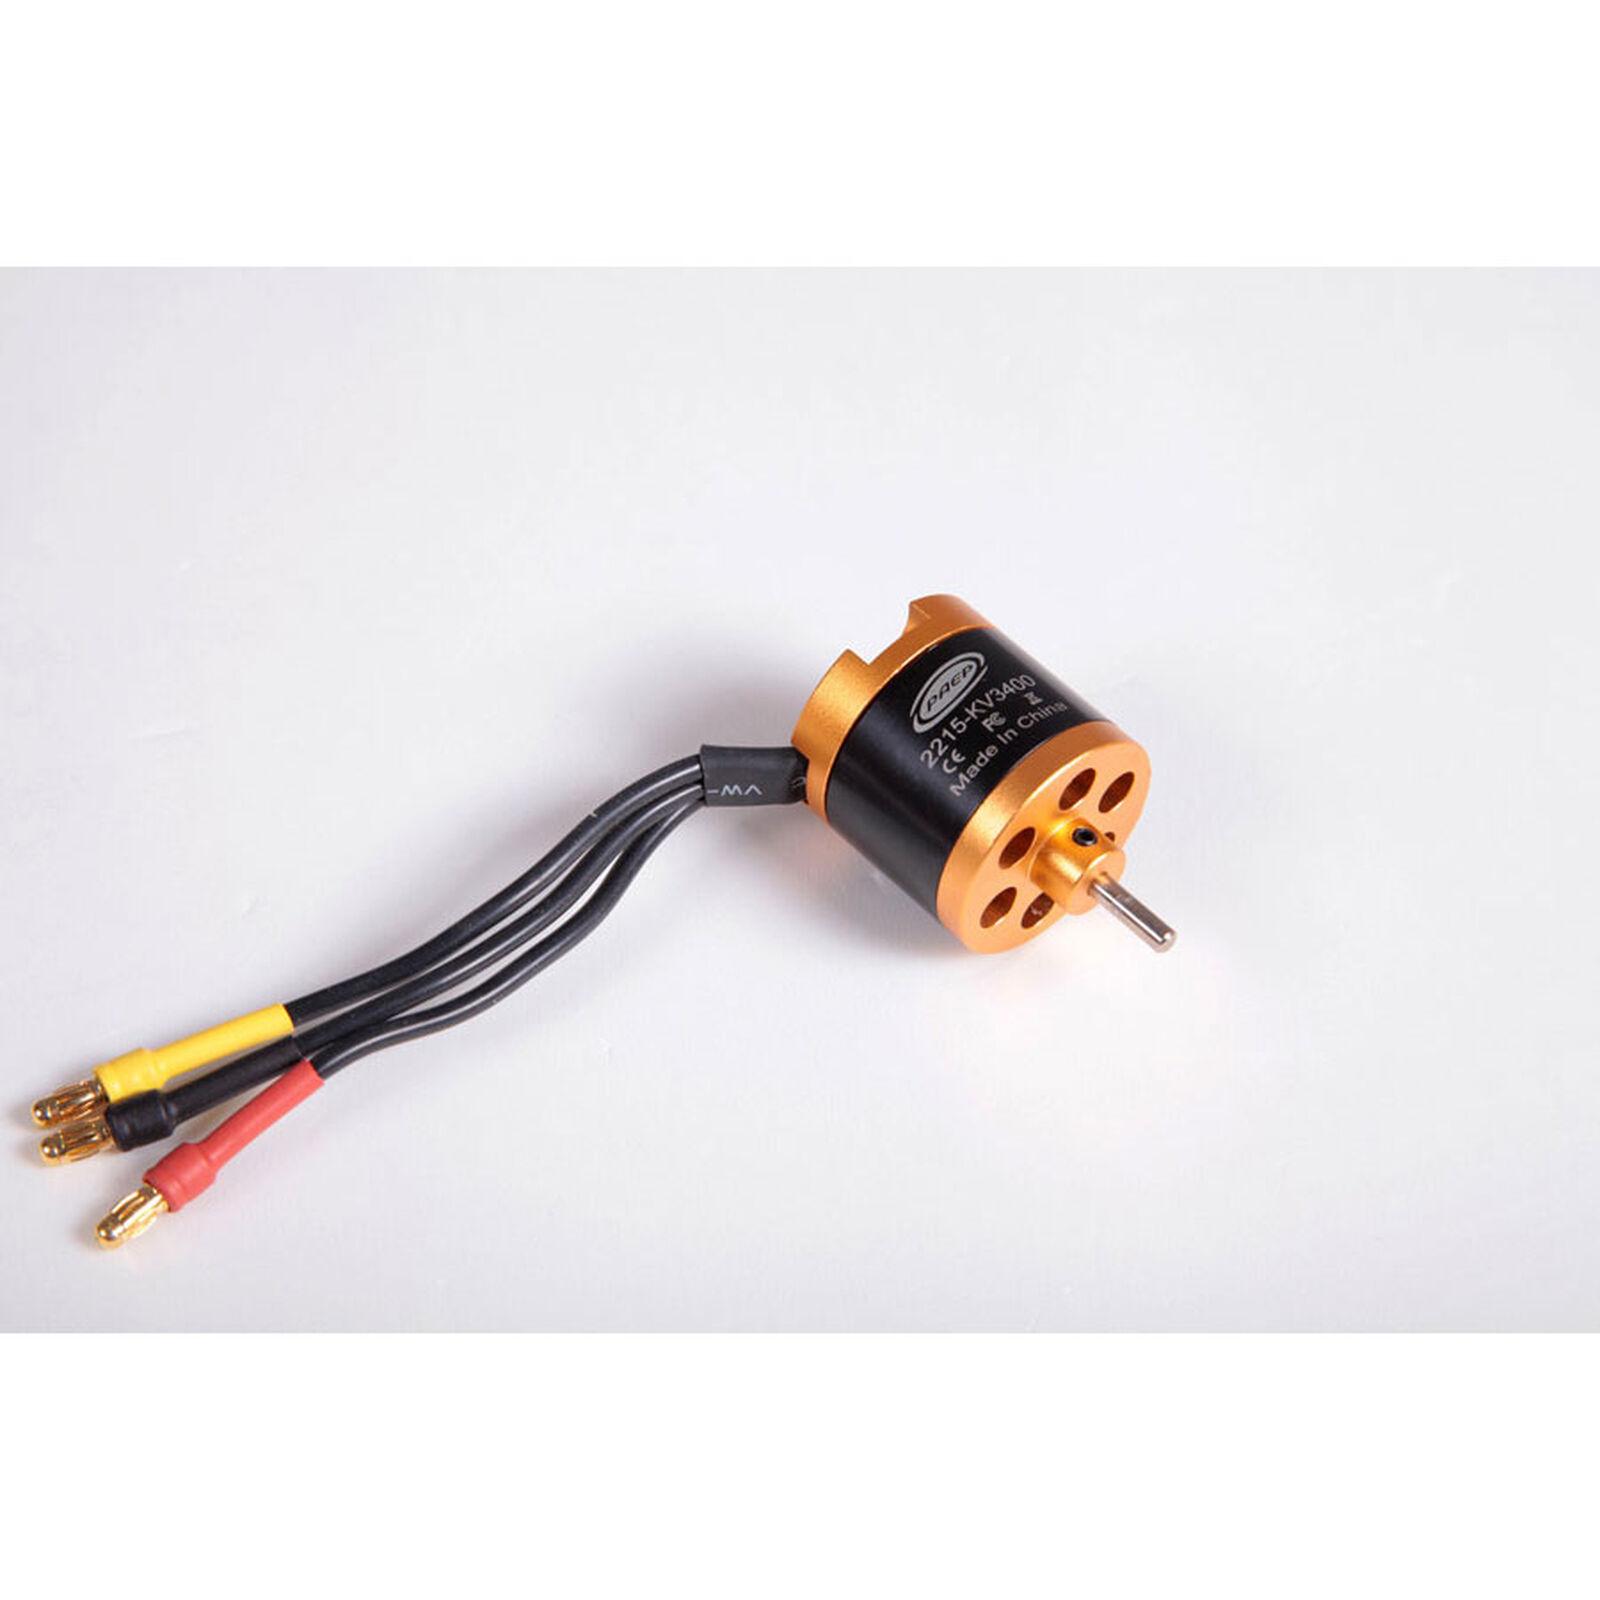 2215 Brushless Motor, KV3400